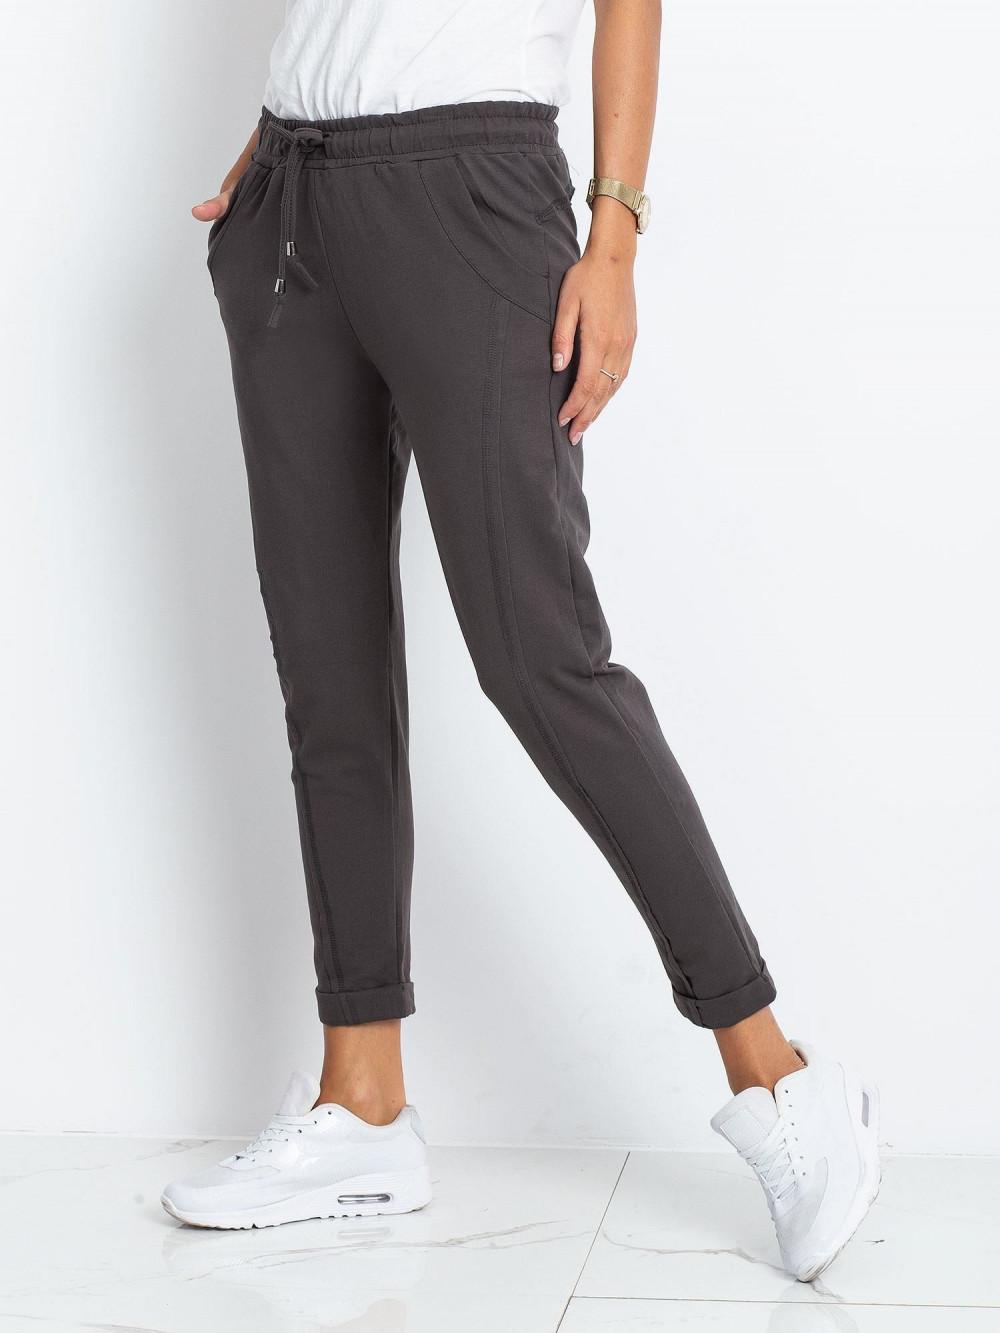 Khaki spodnie dresowe z kieszeniami Viole 2